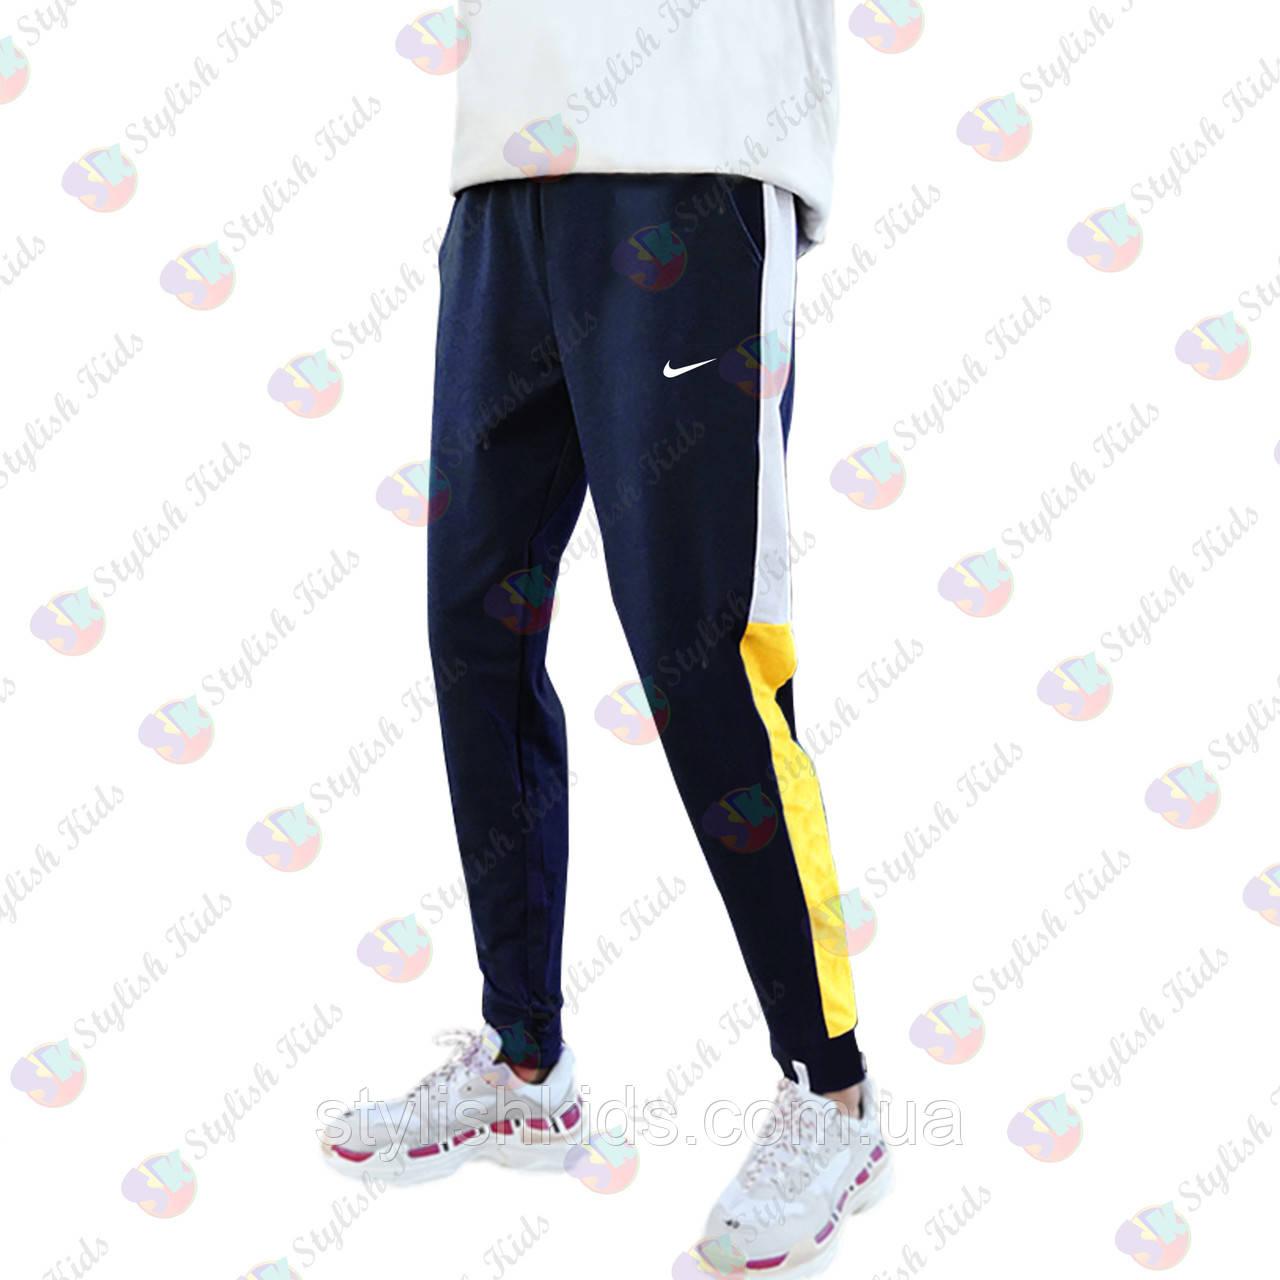 b786c2dd Спортивные штаны Nike для мальчика подростка.9 лет-16 лет. Спортивные  подростковые штаны,брюки. ., цена 350 грн., купить Украина — Prom.ua  (ID#601209681)